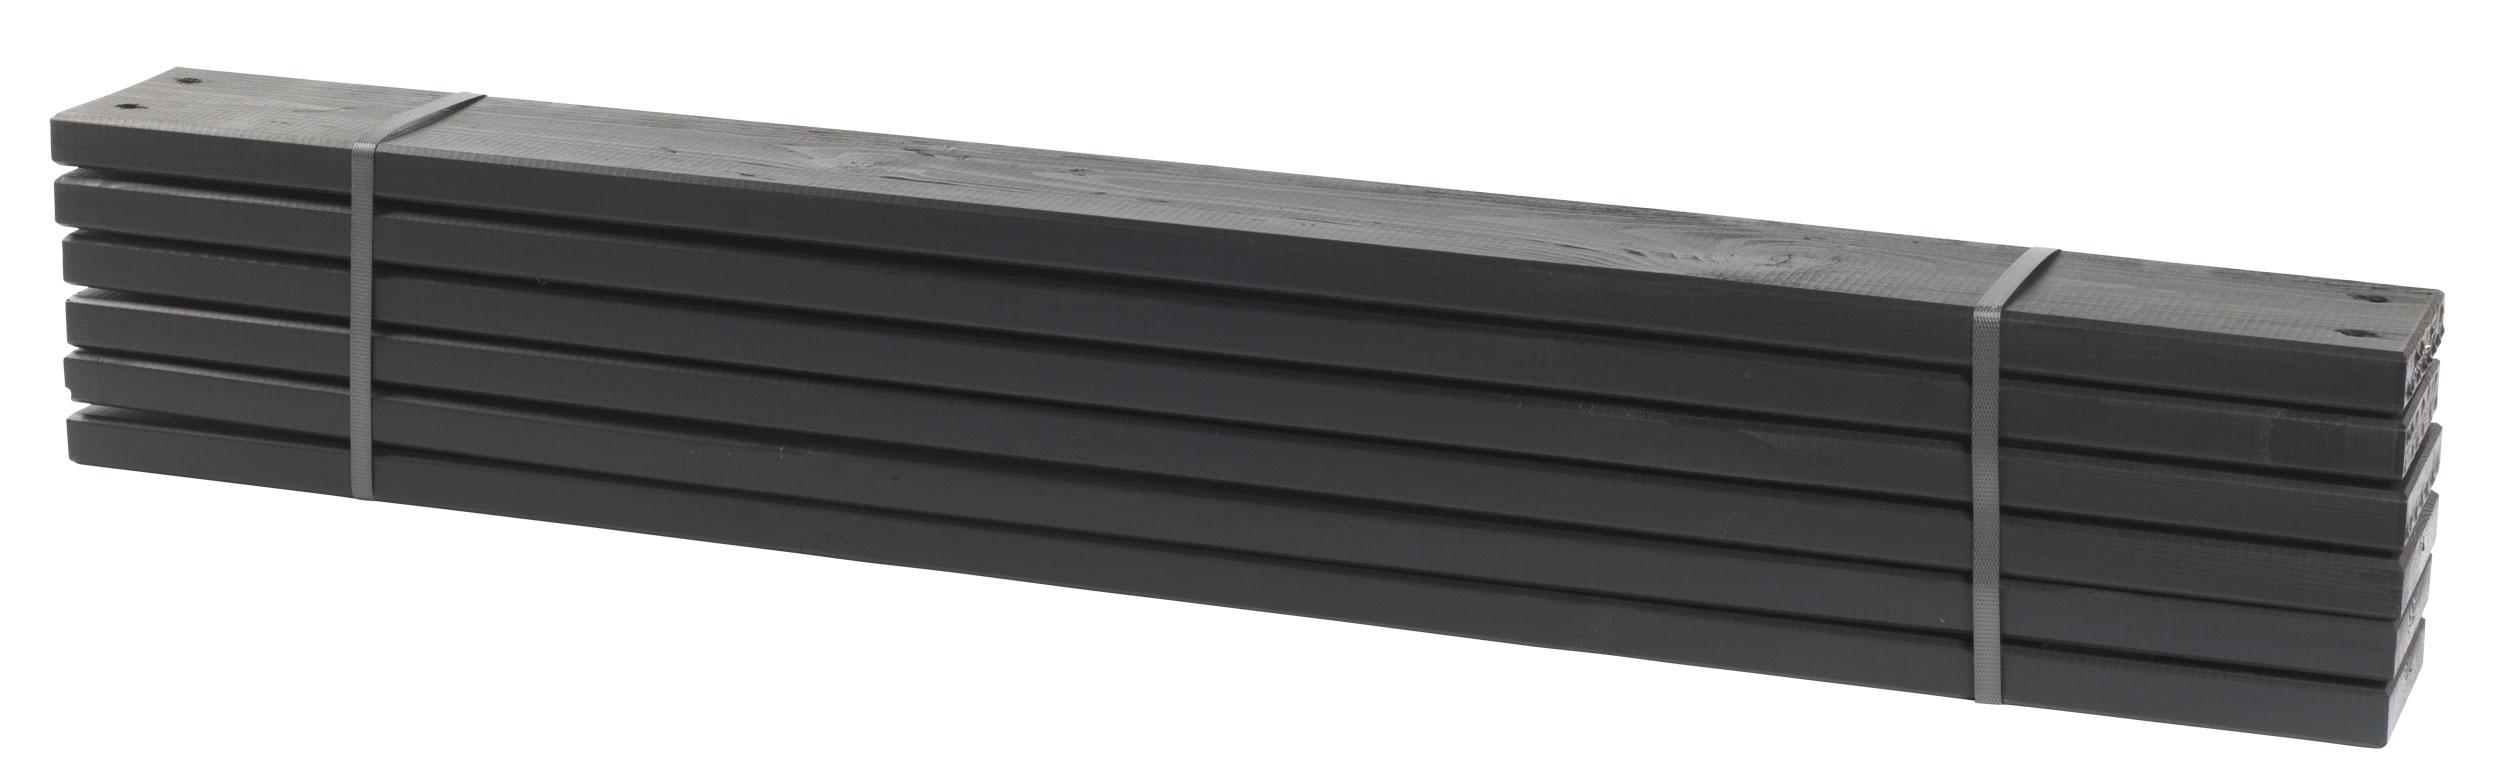 holz planken für pipe modulsystem plus 6 stück kdi schwarz länge